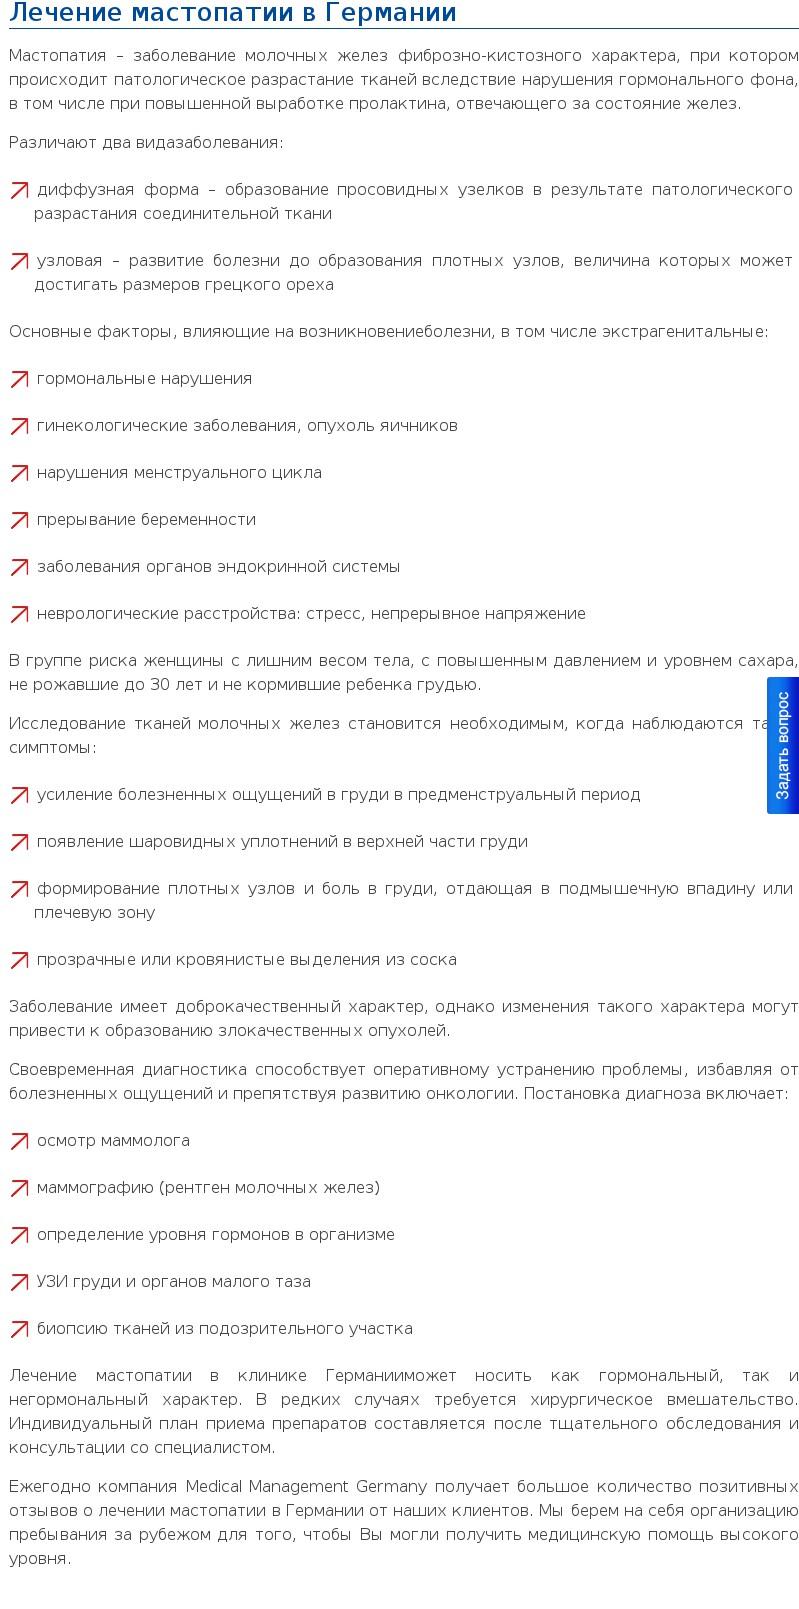 """Текст для сайта немецкой клиники """"Лечение мастопатии"""""""